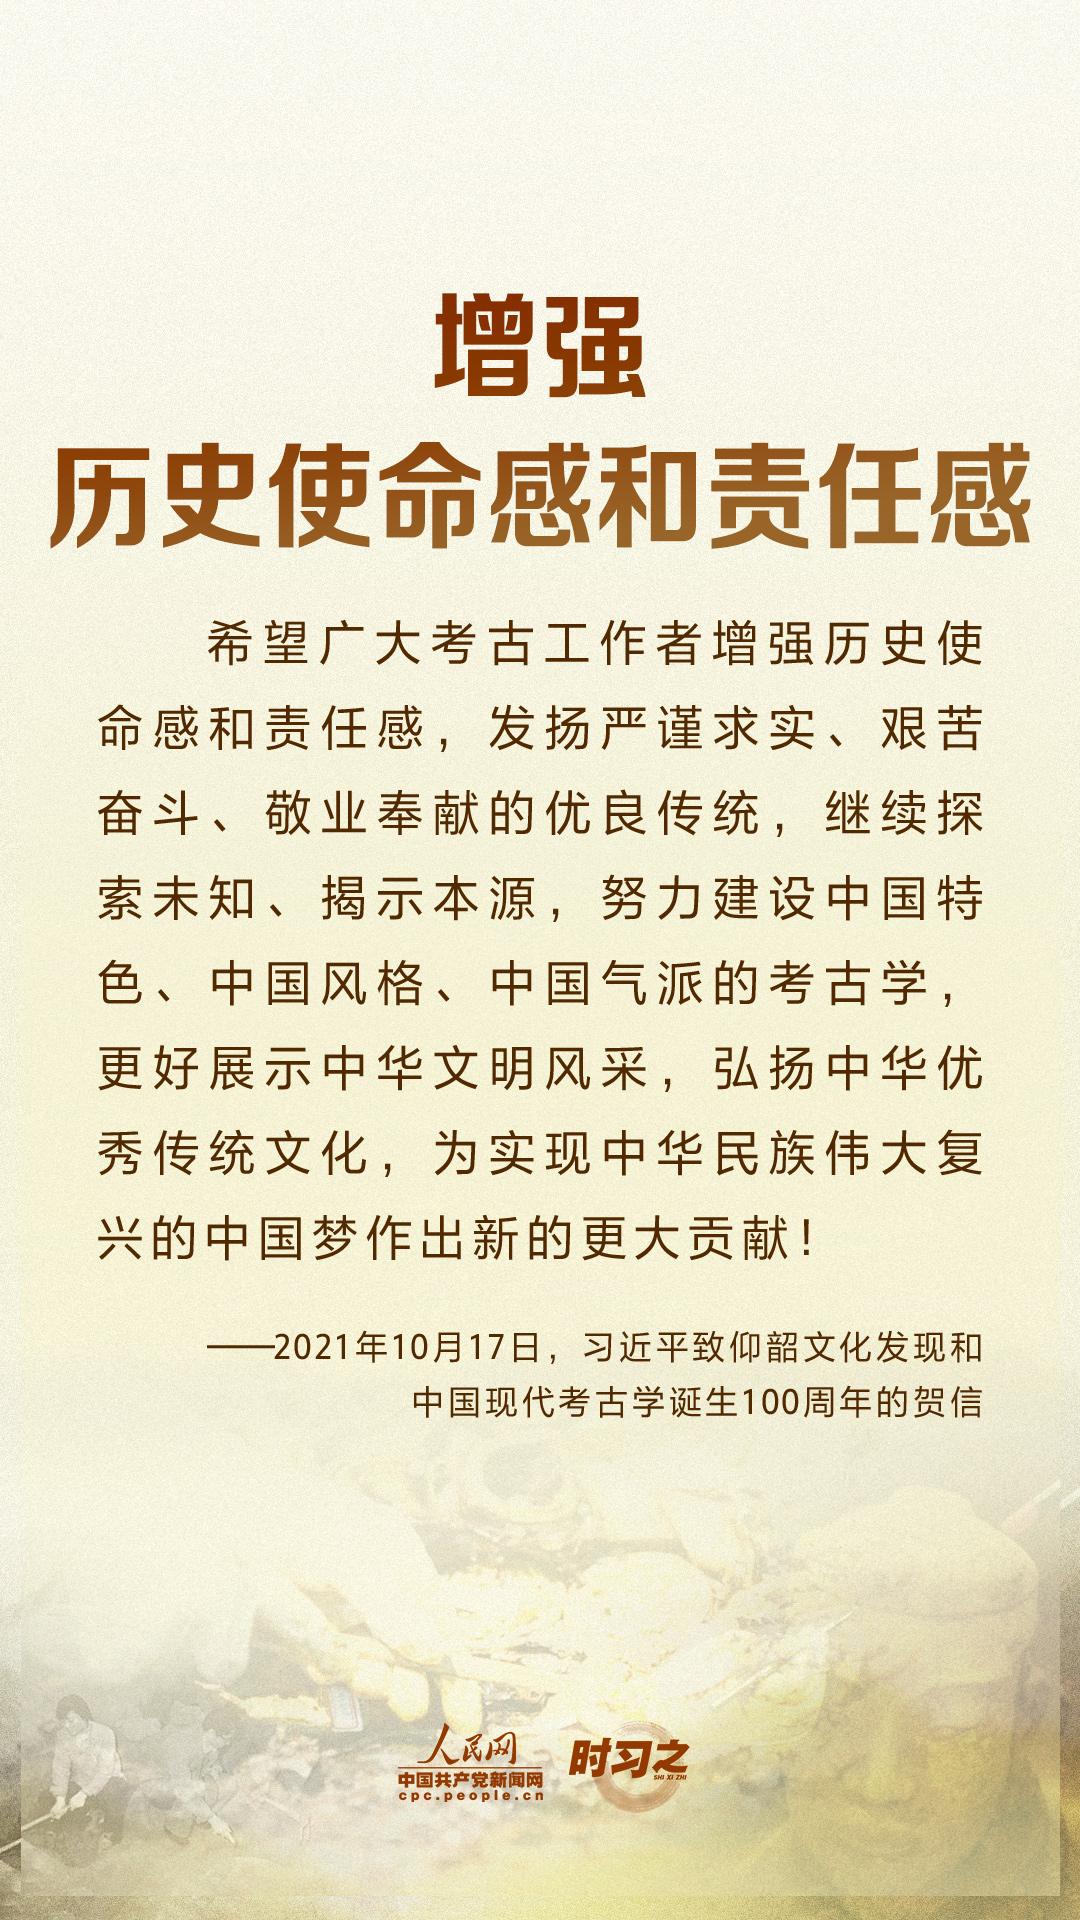 习近平要求:努力建设中国特色、中国风格、中国气派的考古学